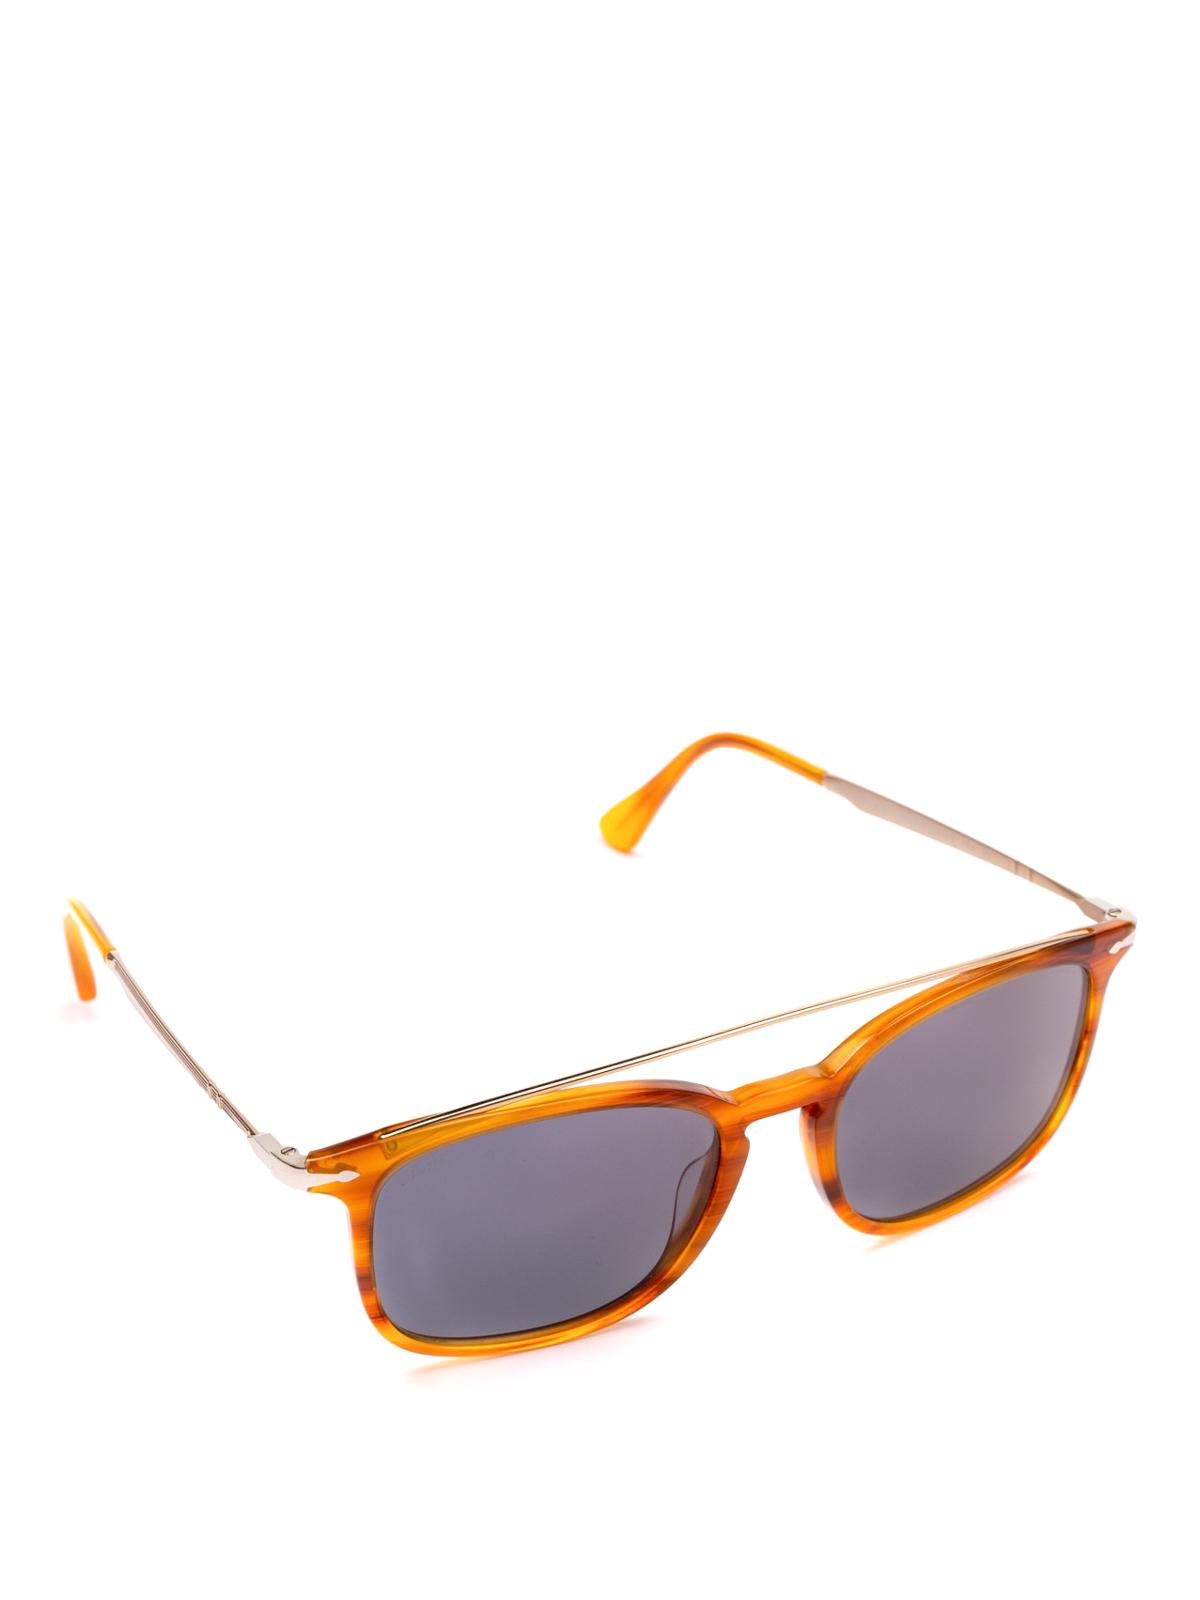 8d15c65a2d Persol - Metal double bridge tortoise squared glasses - sunglasses ...